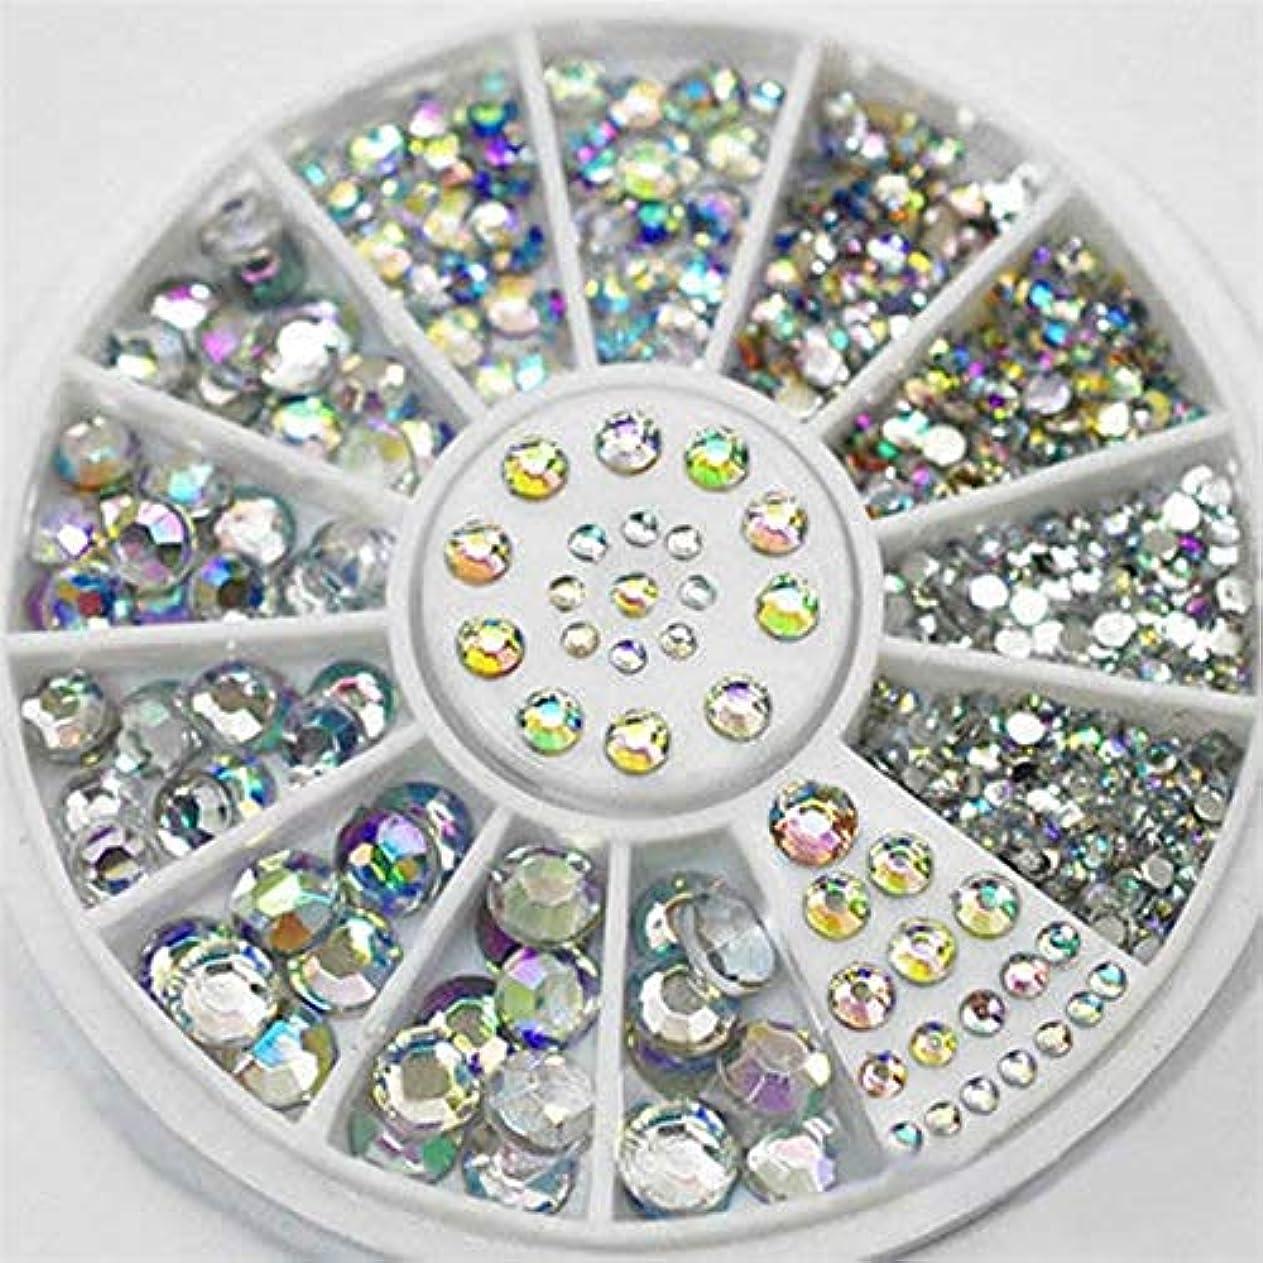 集計困惑したスペアCELINEZL CELINEZL 5ピースdiyカラーアクリルダイヤモンドネイルアートホイールのヒントクリスタルグリッターラインストーン3dネイルアートの装飾